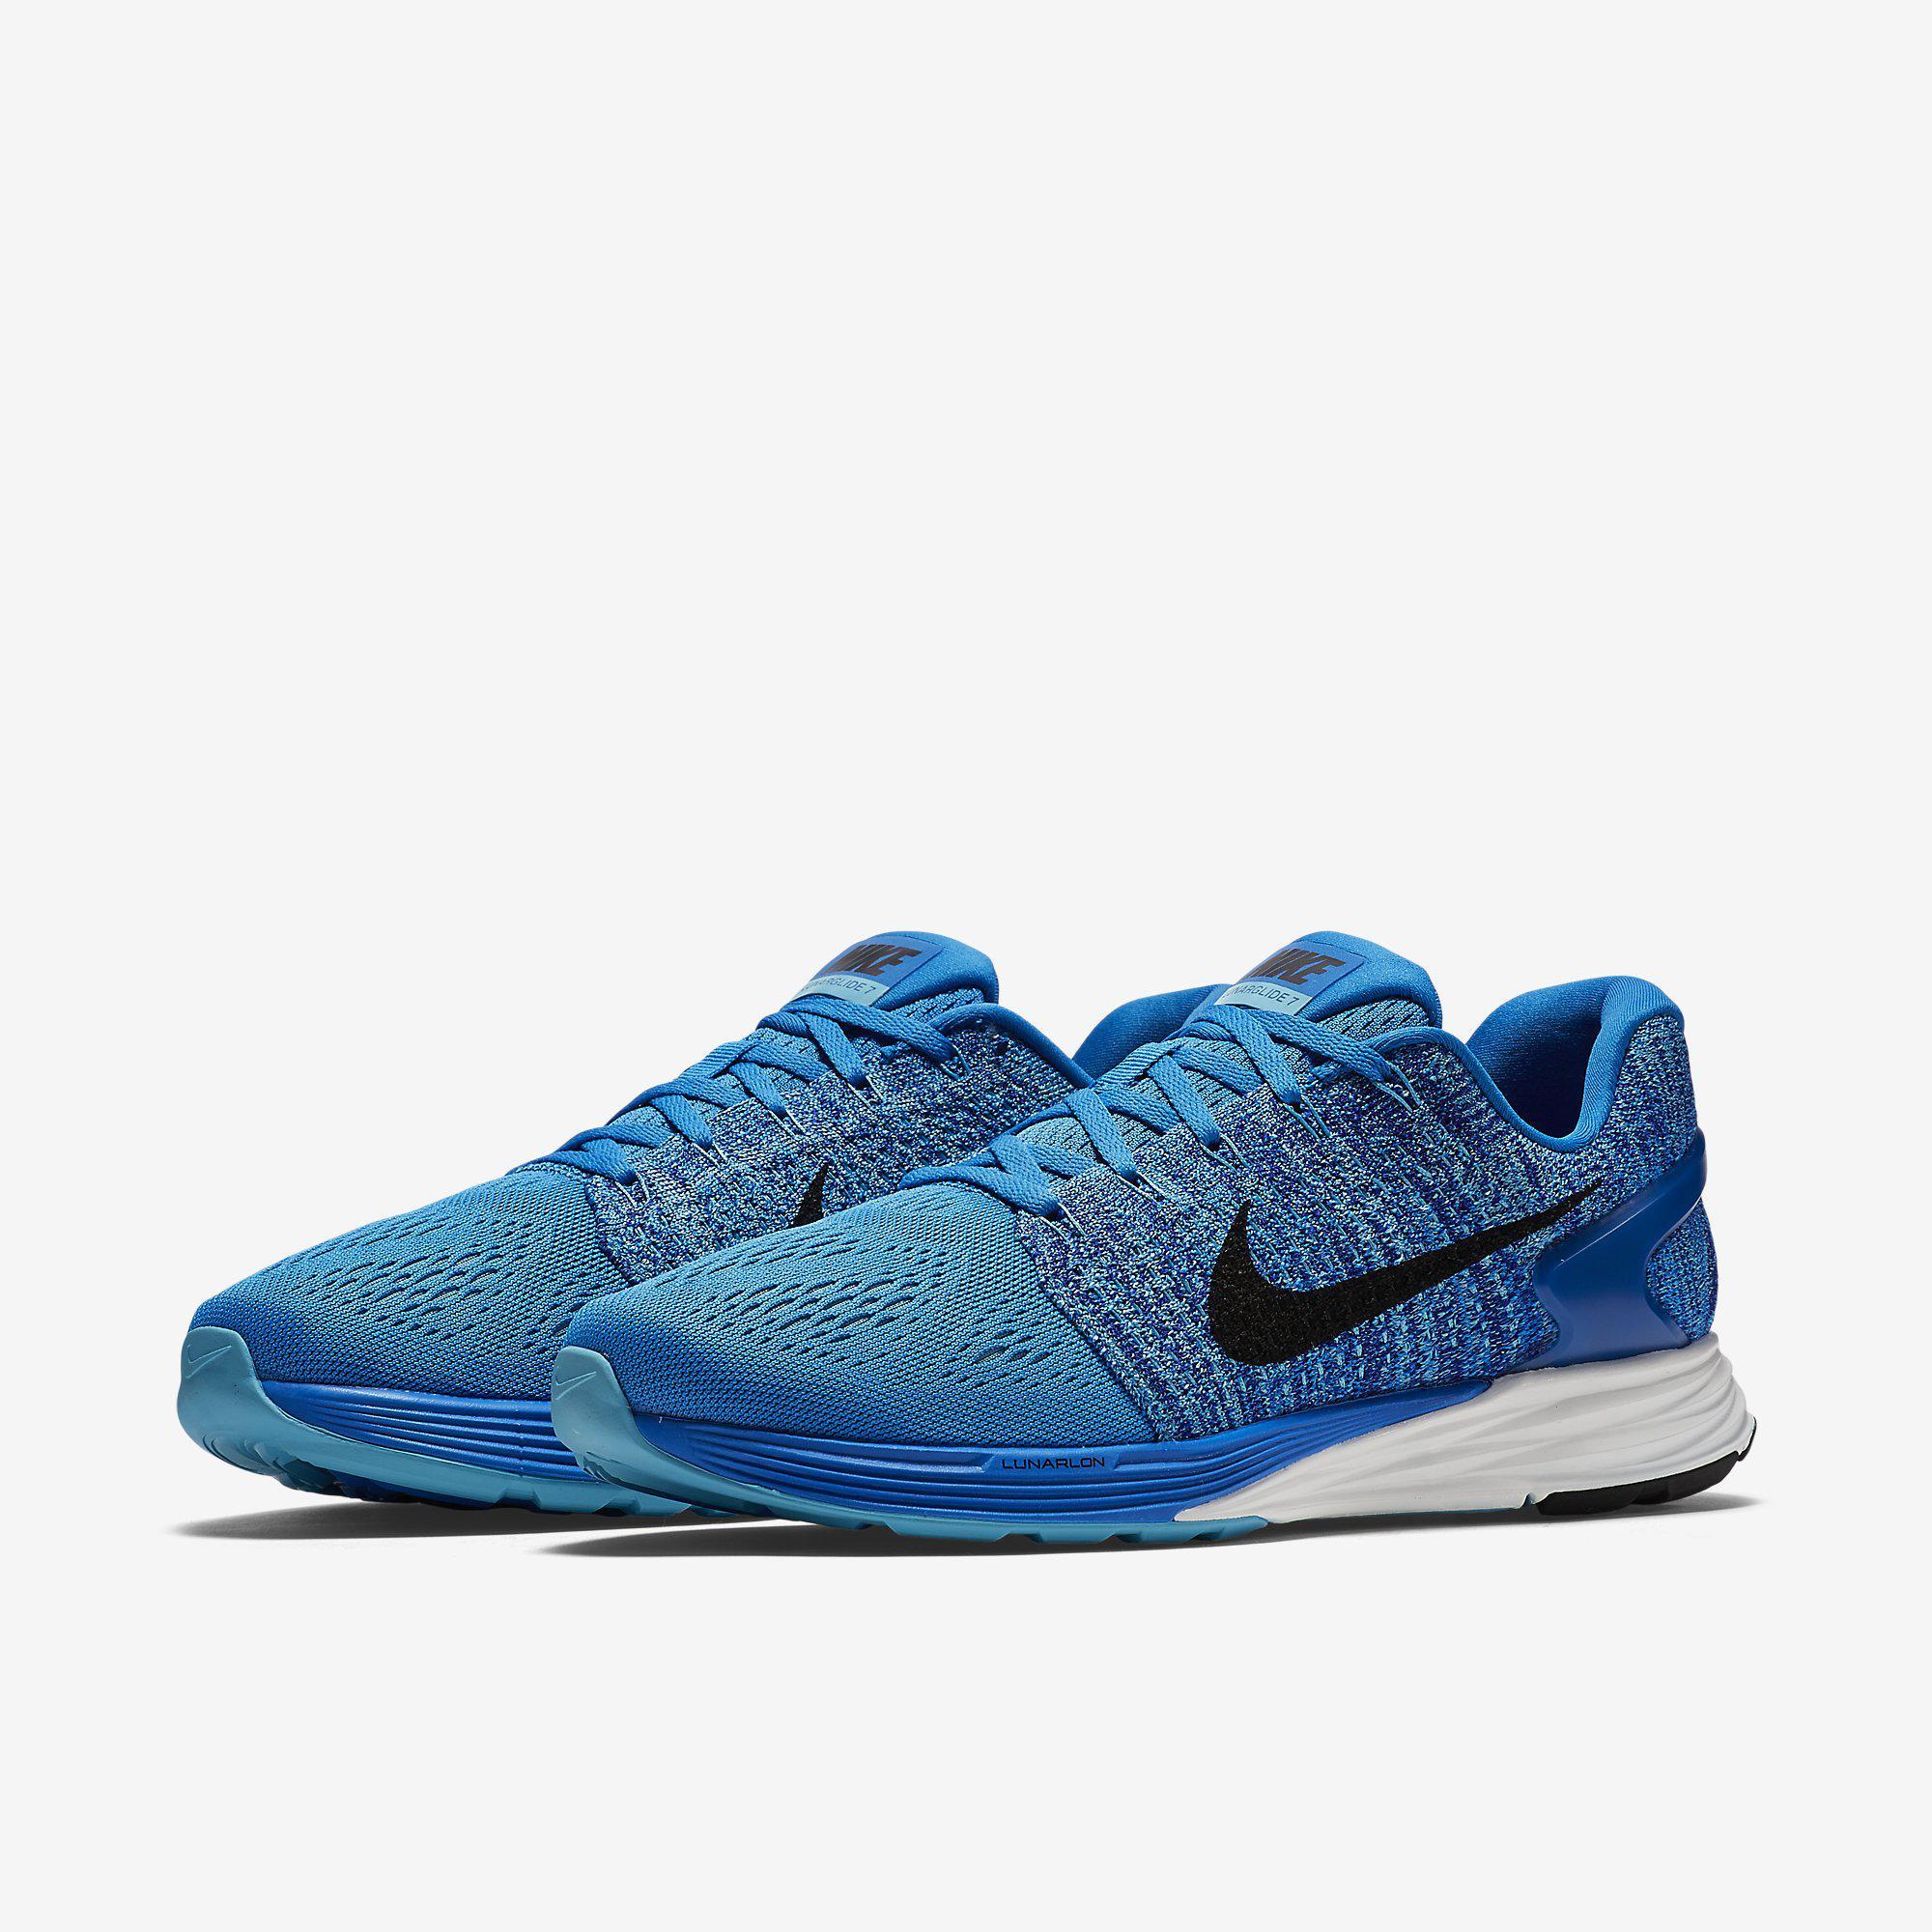 982d57d76ce3 Nike Mens LunarGlide 7 Running Shoes - Blue - Tennisnuts.com